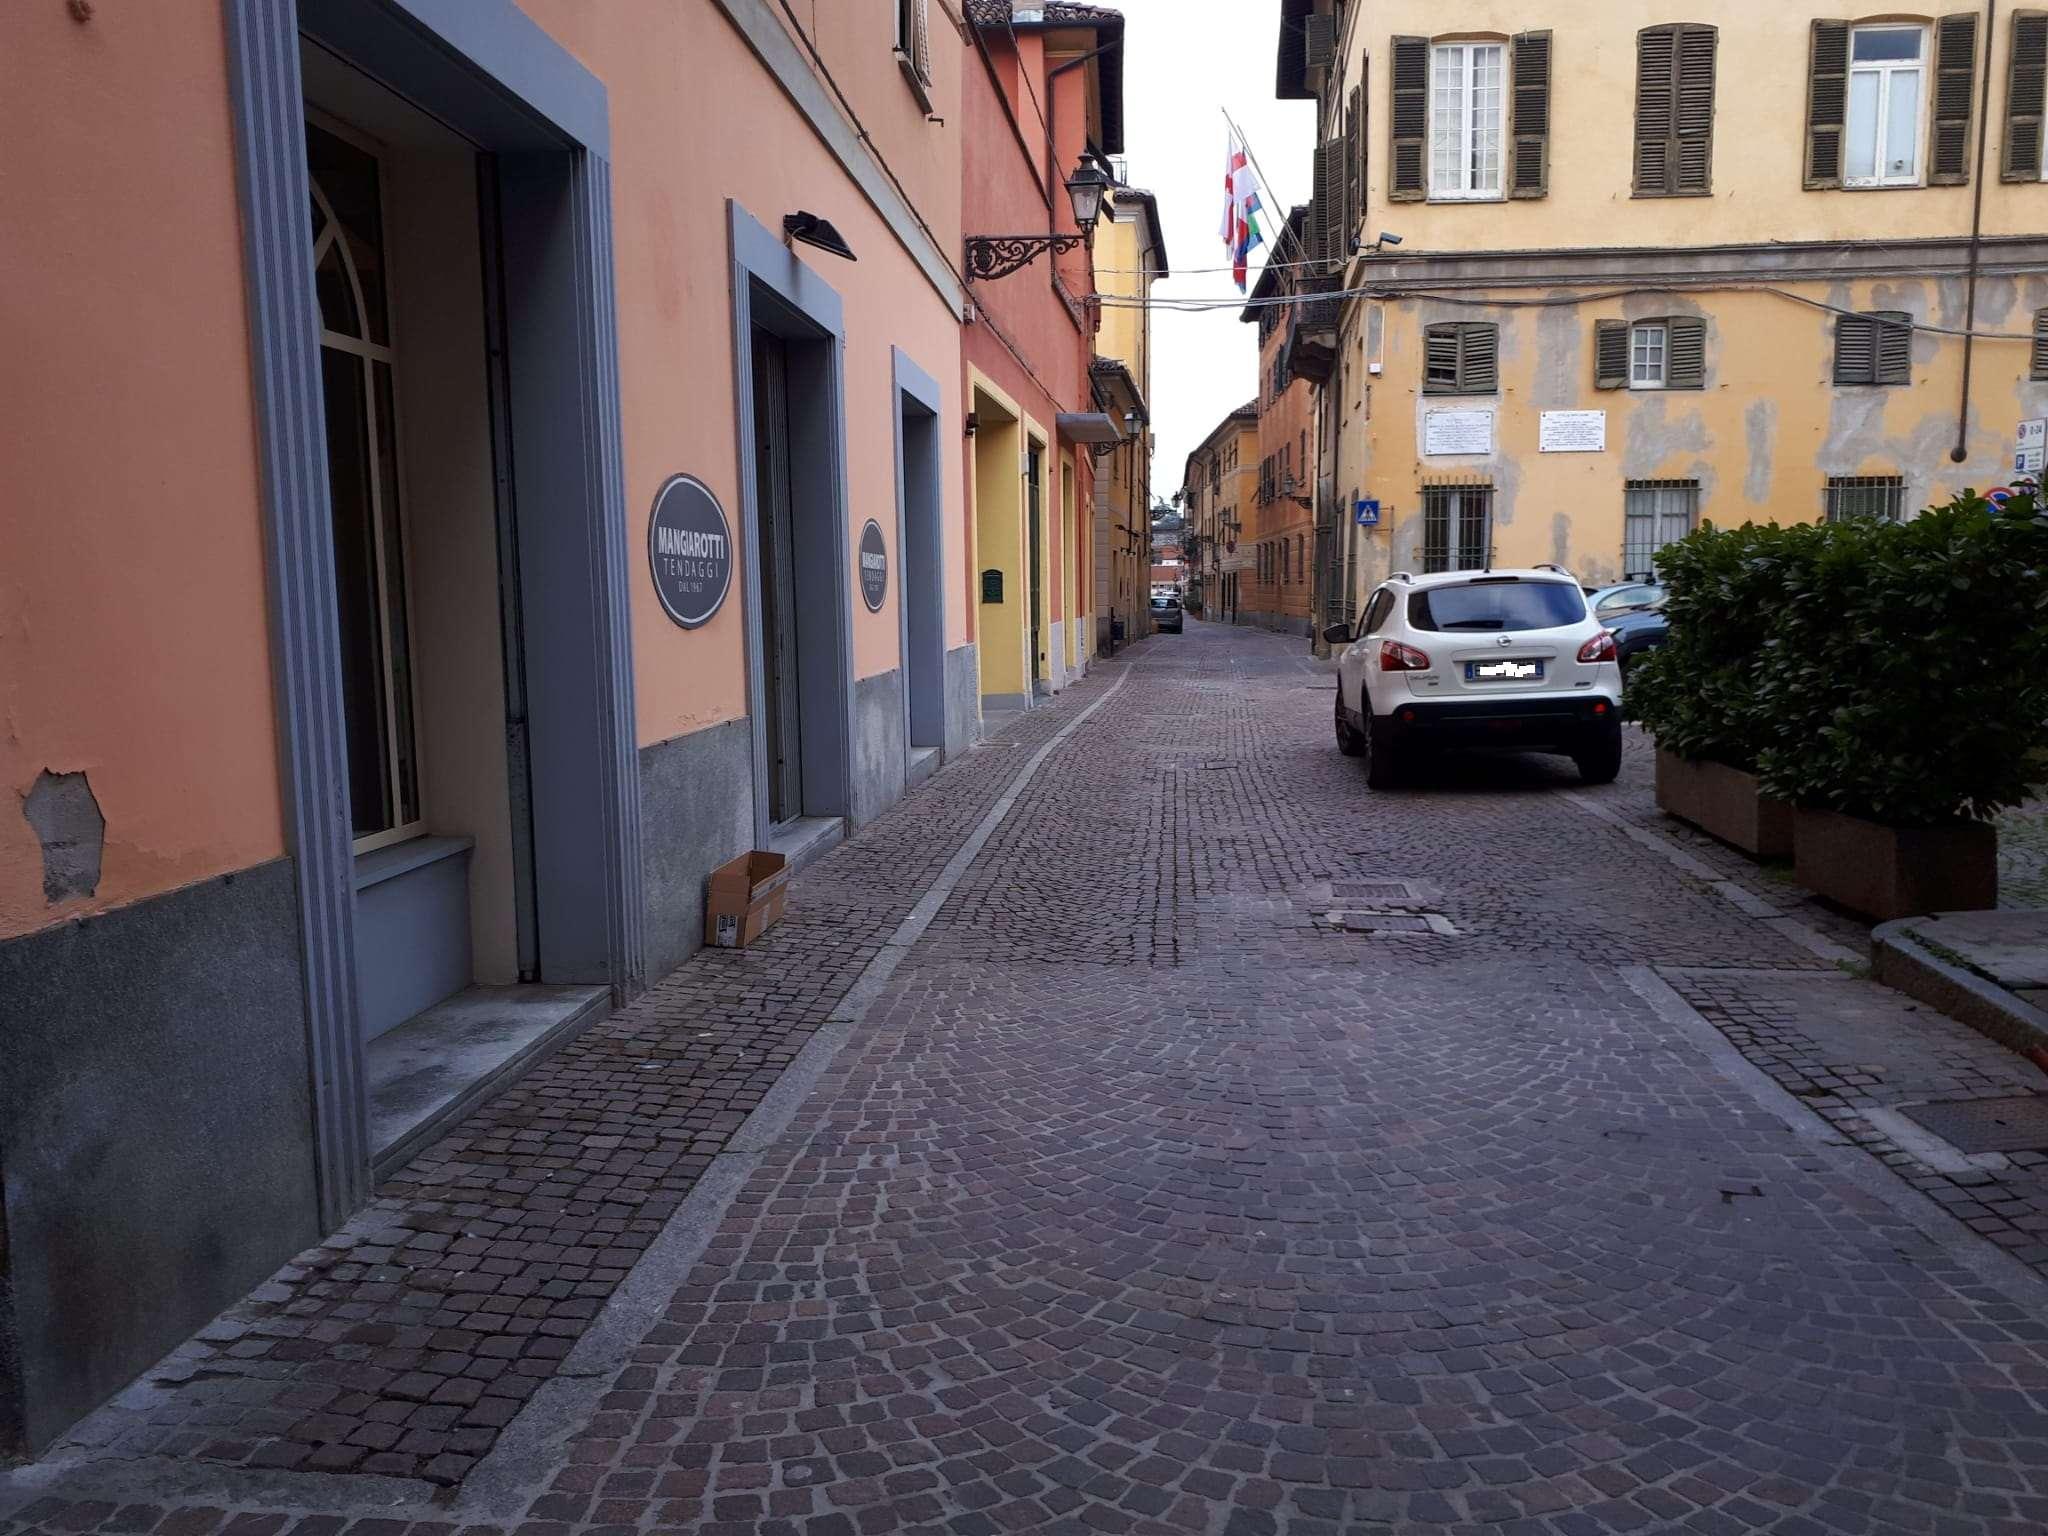 Ufficio / Studio in vendita a Novi Ligure, 3 locali, prezzo € 49.000 | CambioCasa.it